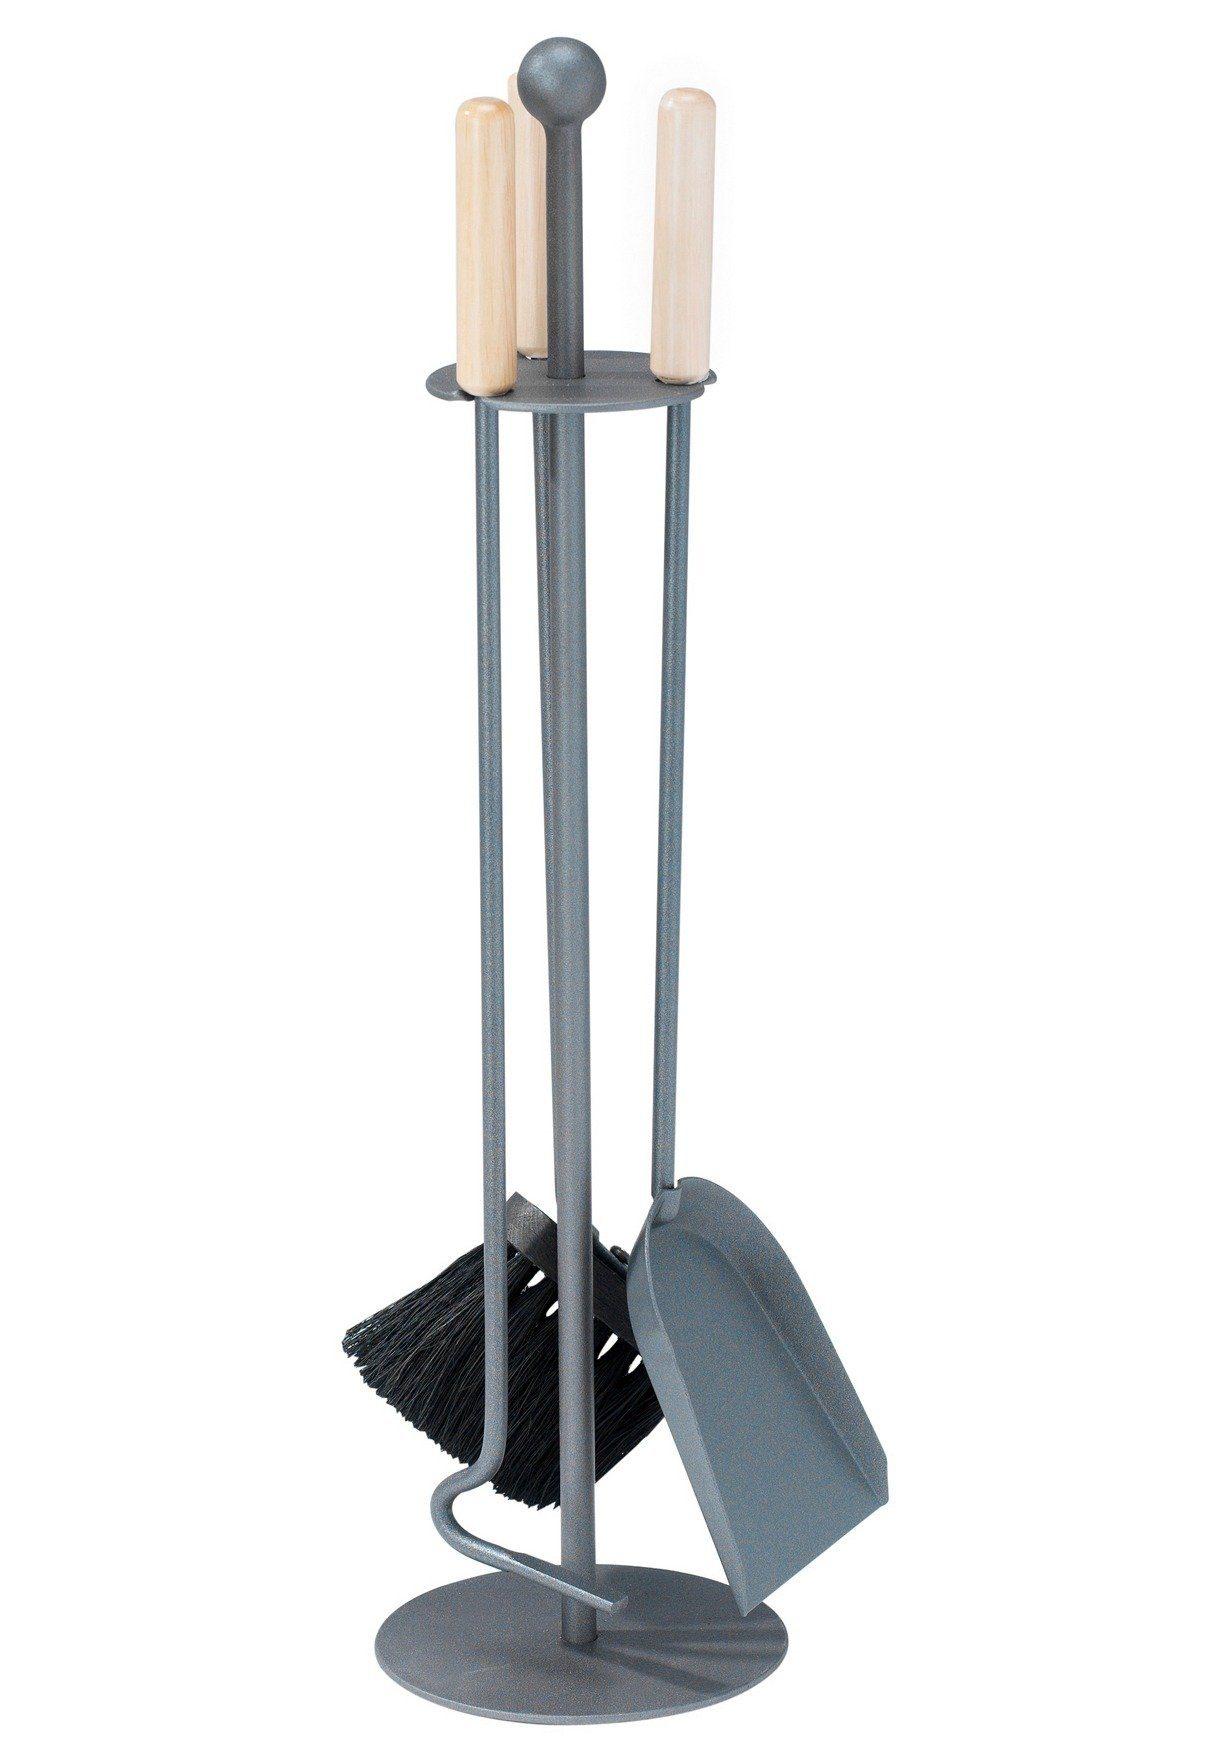 Südmetall Kaminbesteck »Eisen beschichtet«, Set 3 tlg., Griffe aus Holz